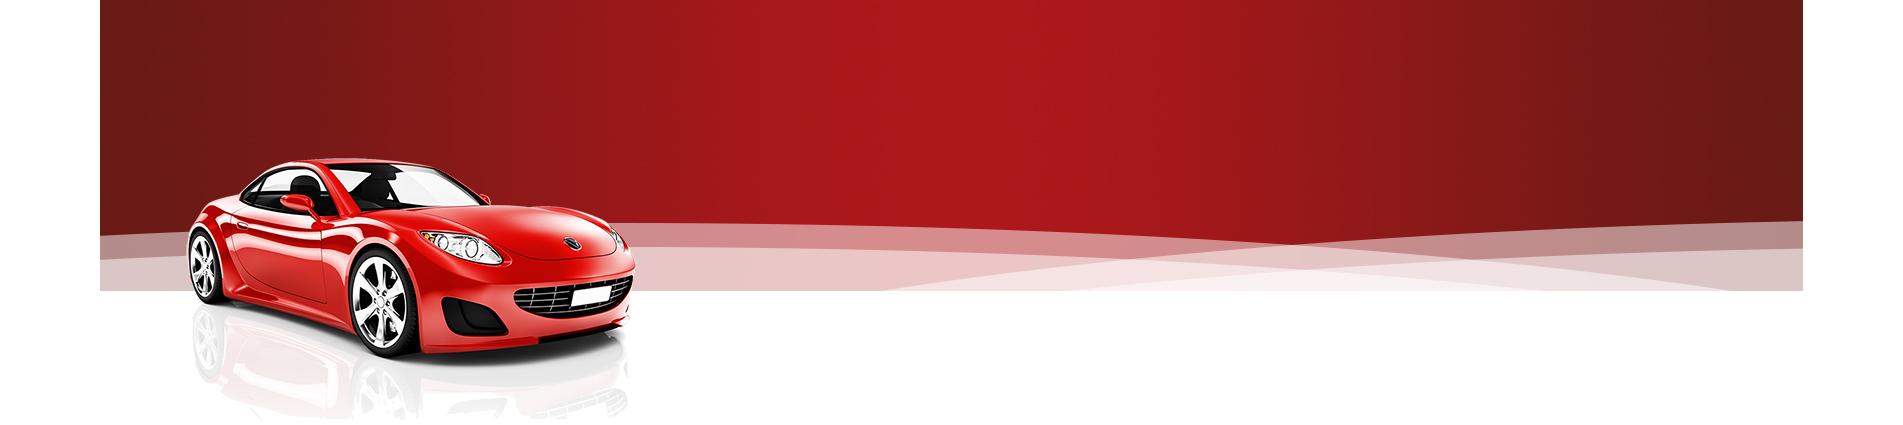 Banner Coche Rojo